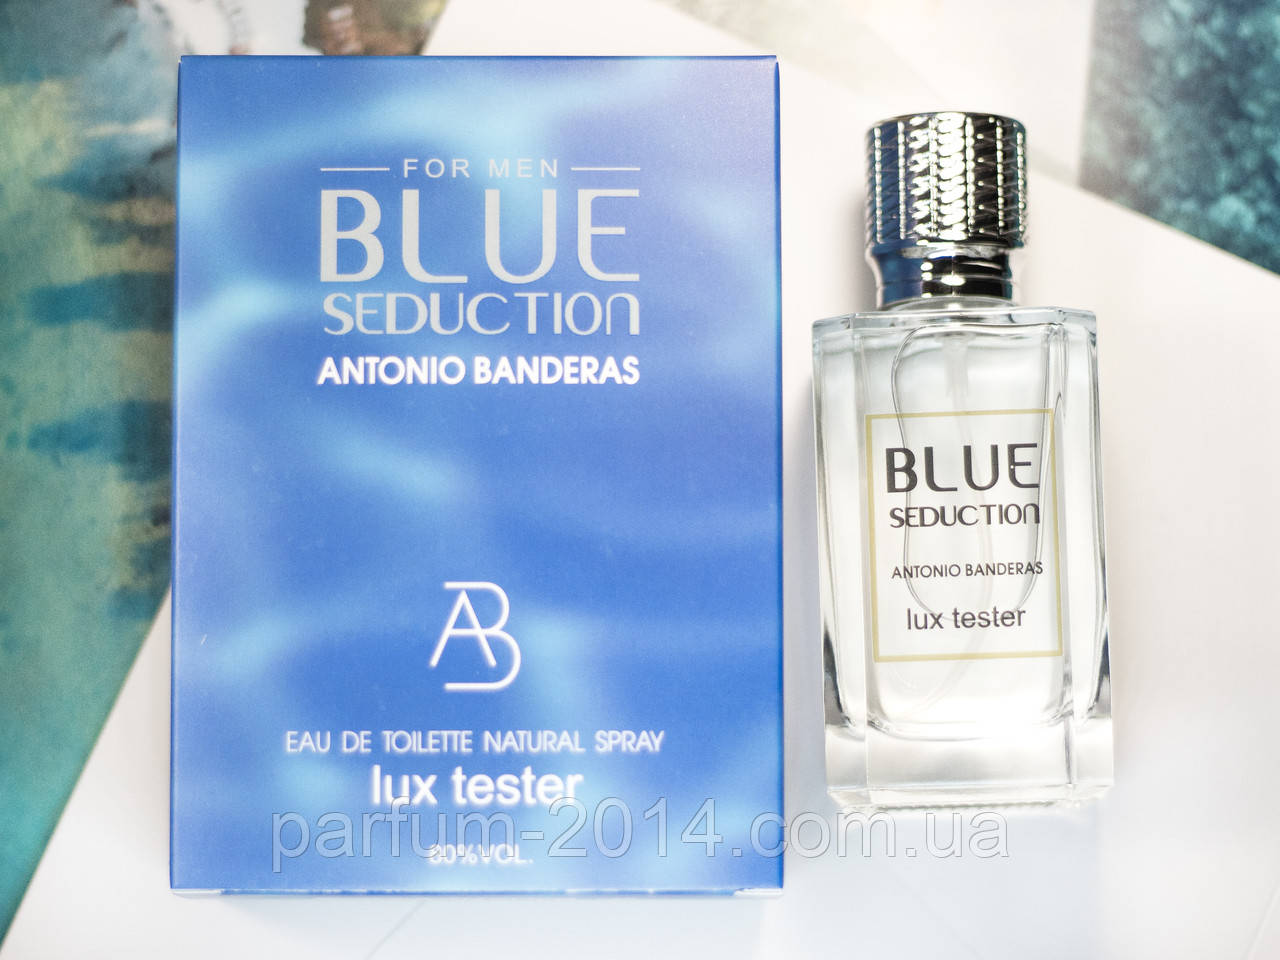 Чоловічий парфум Антоніо Бандерас блу седакшн Antonio Banderas Blue Seduction 100 ml (осіб) парфуми аромат tester